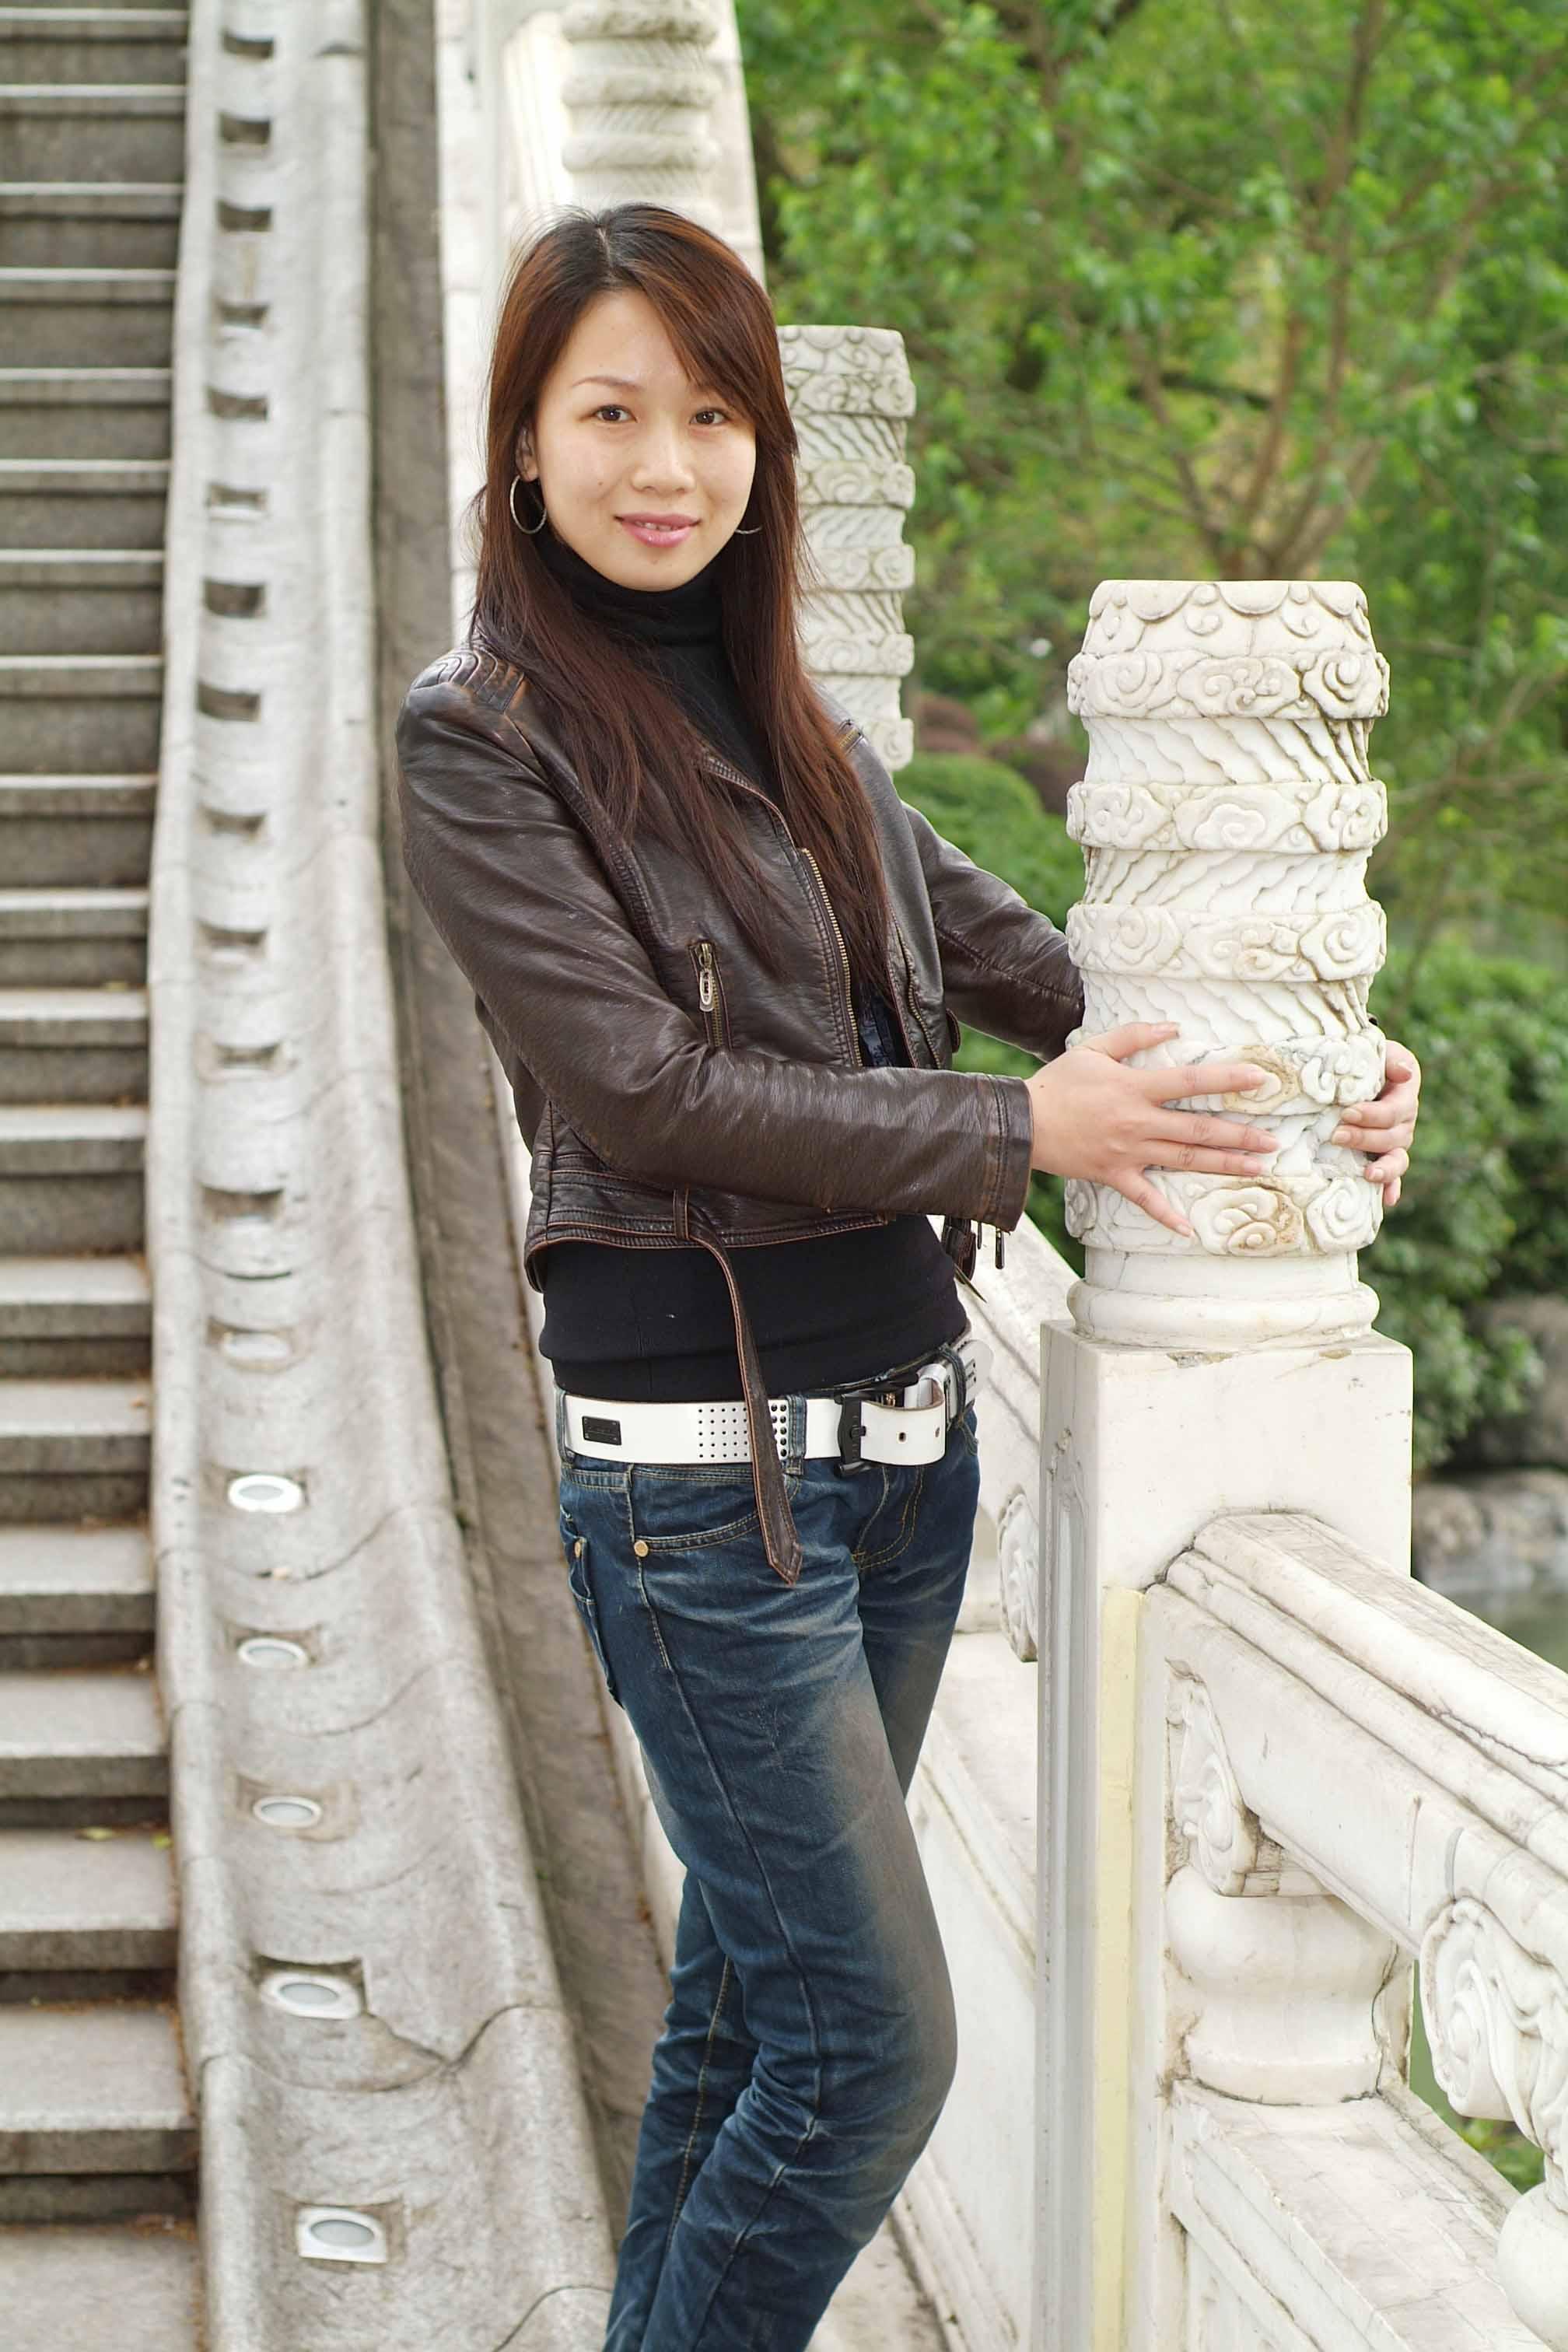 待嫁越南新娘图_越南新娘-大陸新娘-外籍新娘-政府立案